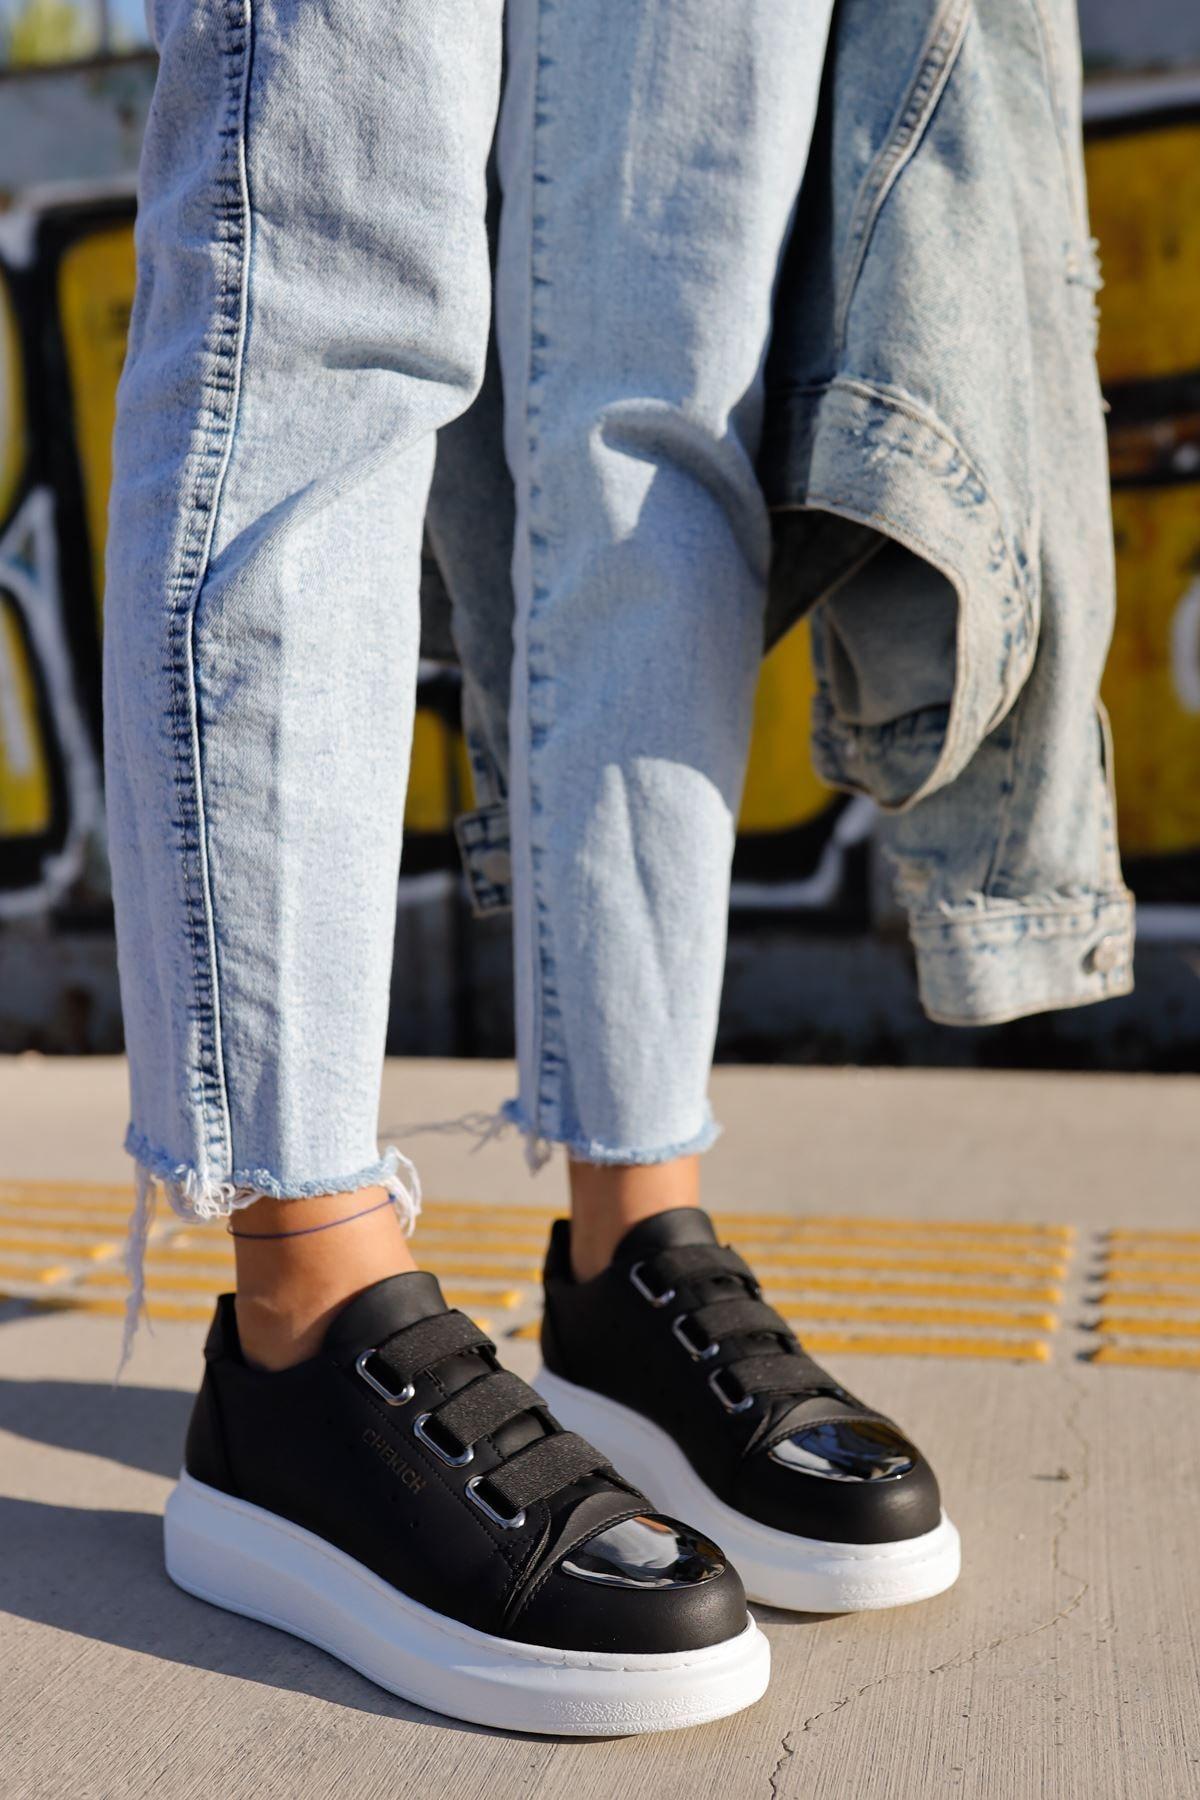 Chekich Ch251 Bt Kadın Ayakkabı Sıyah 1